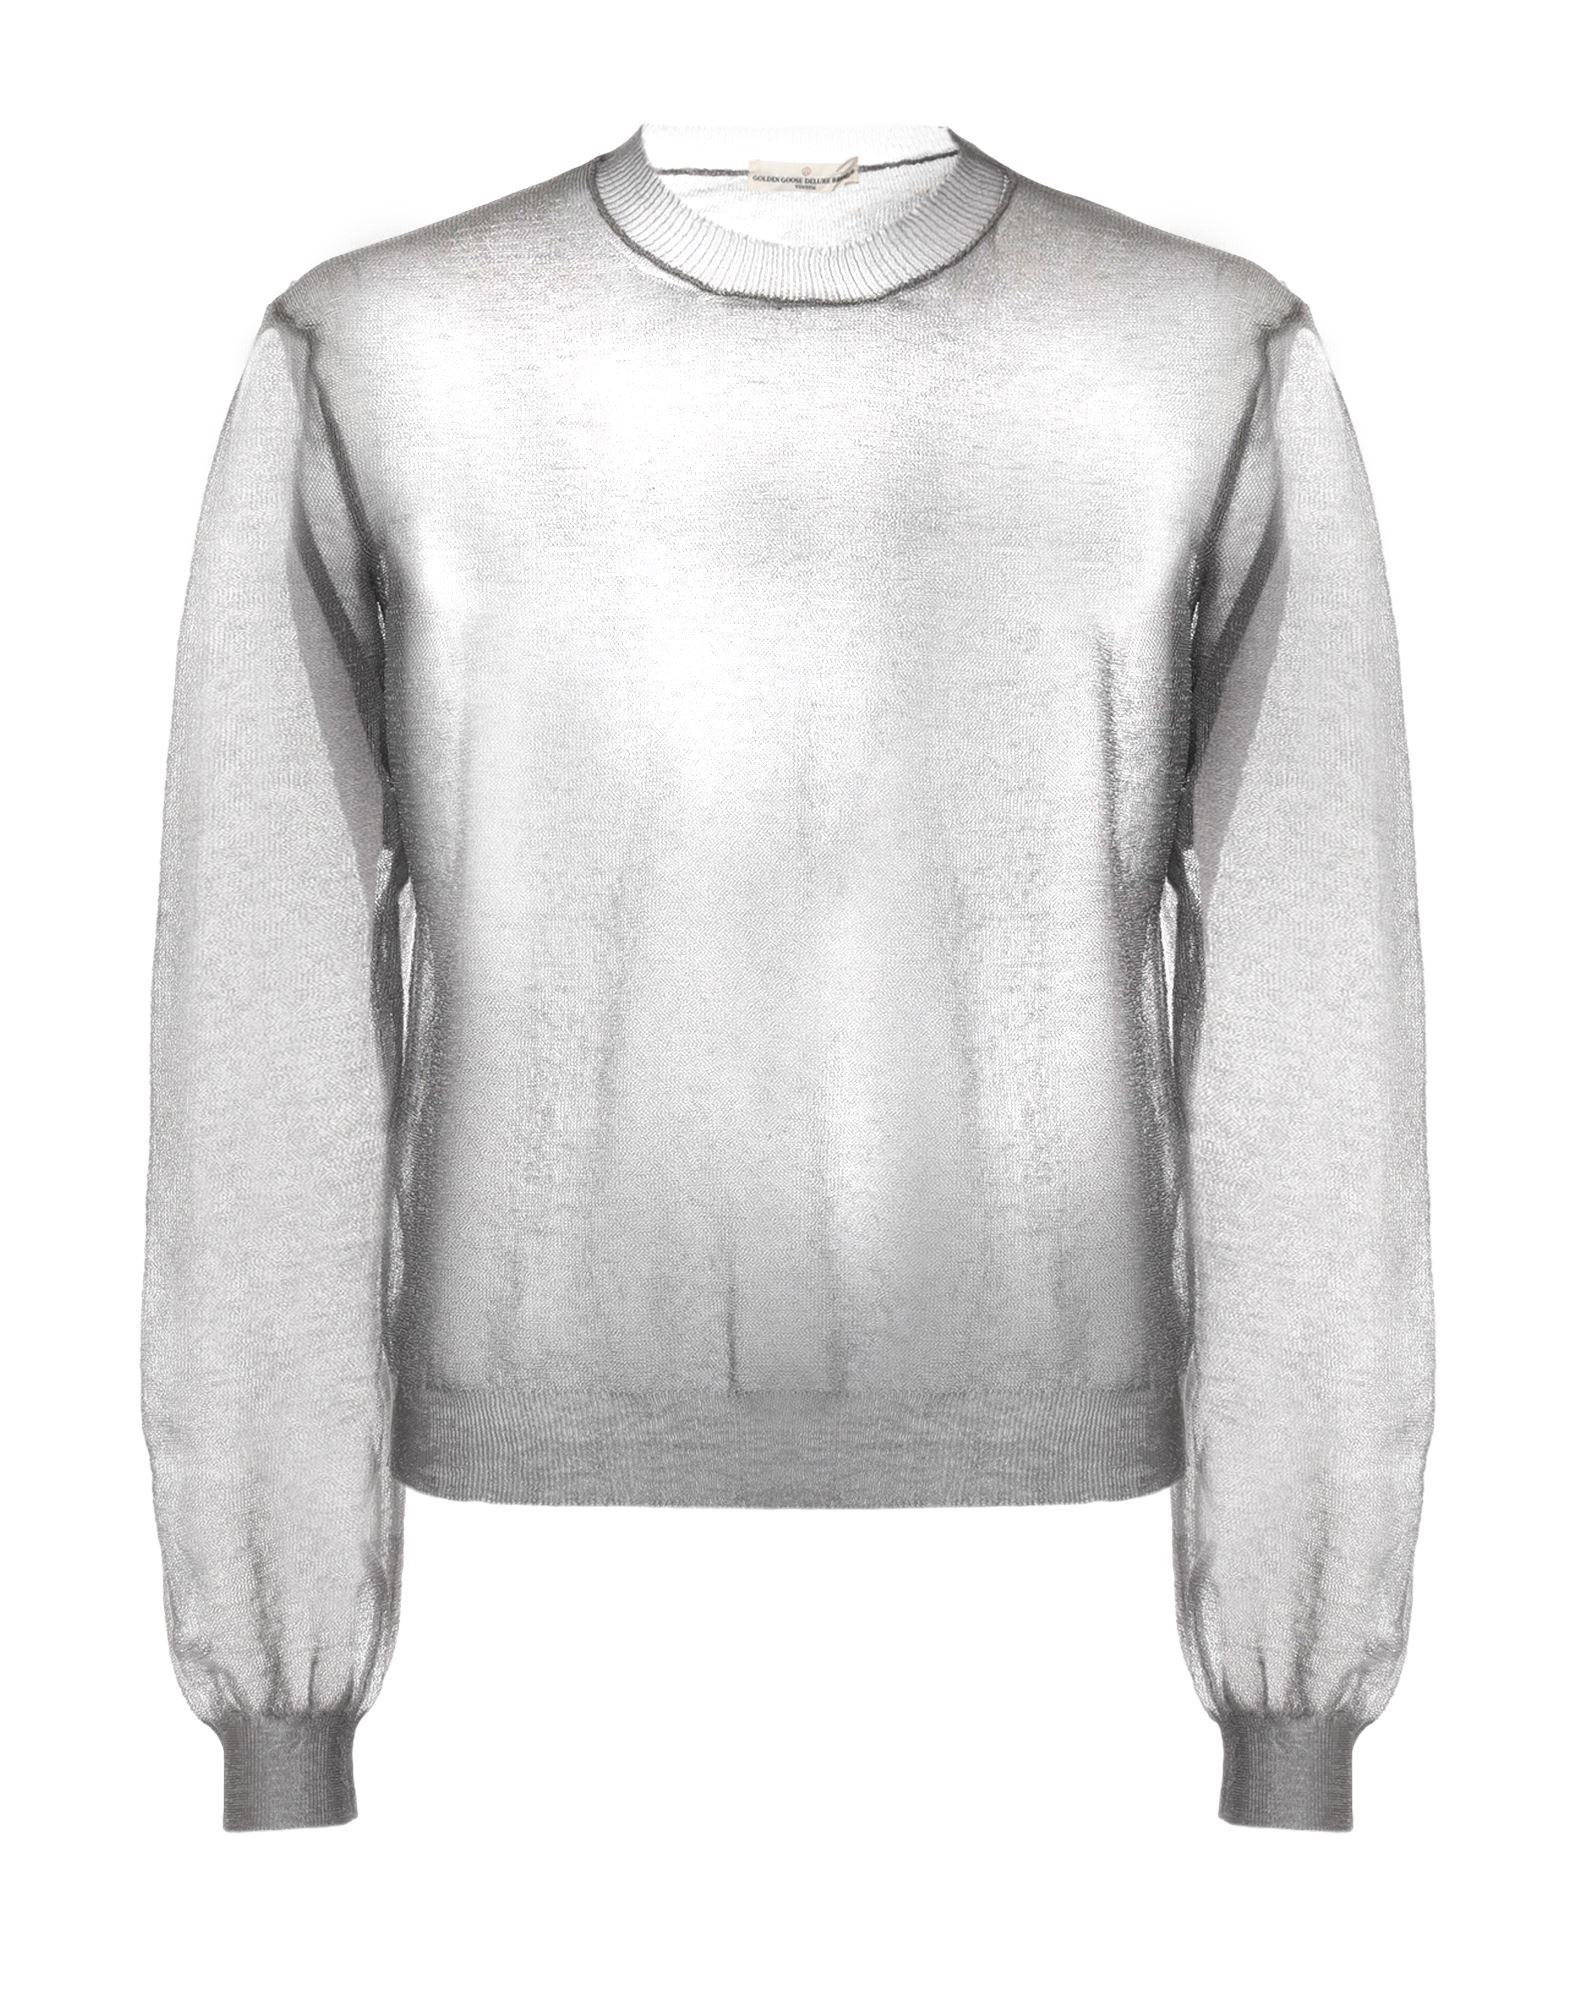 GOLDEN GOOSE DELUXE BRAND Sweaters - Item 14091143